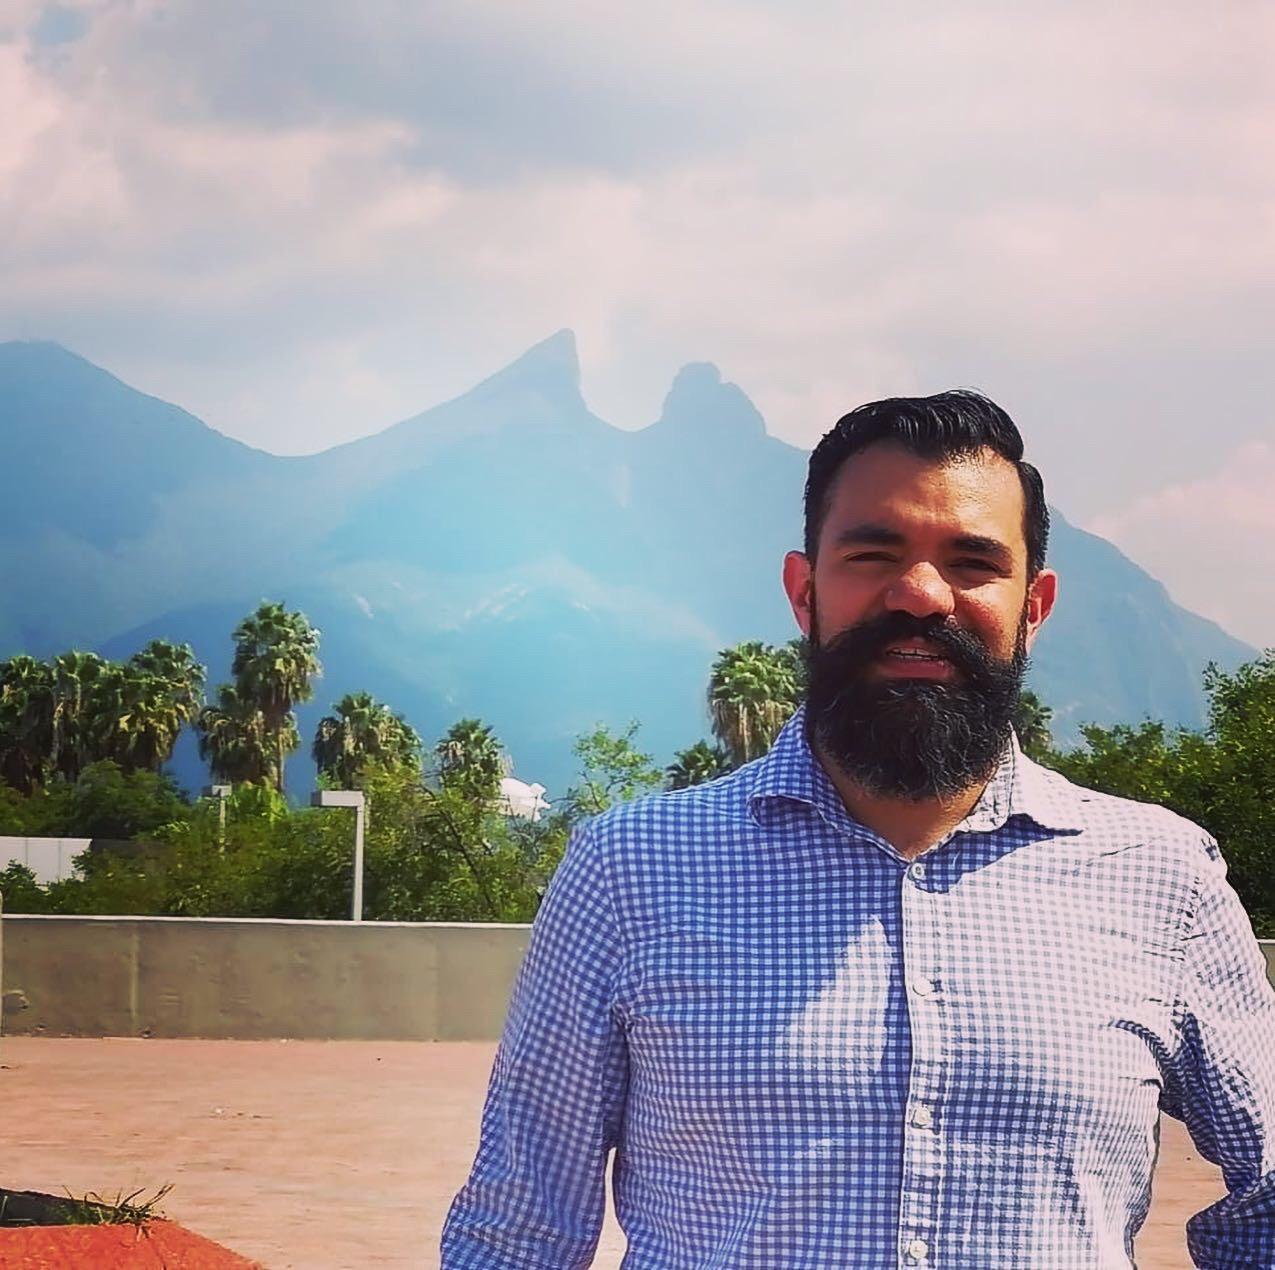 Gerardo de Jesús Maldonado Hernández